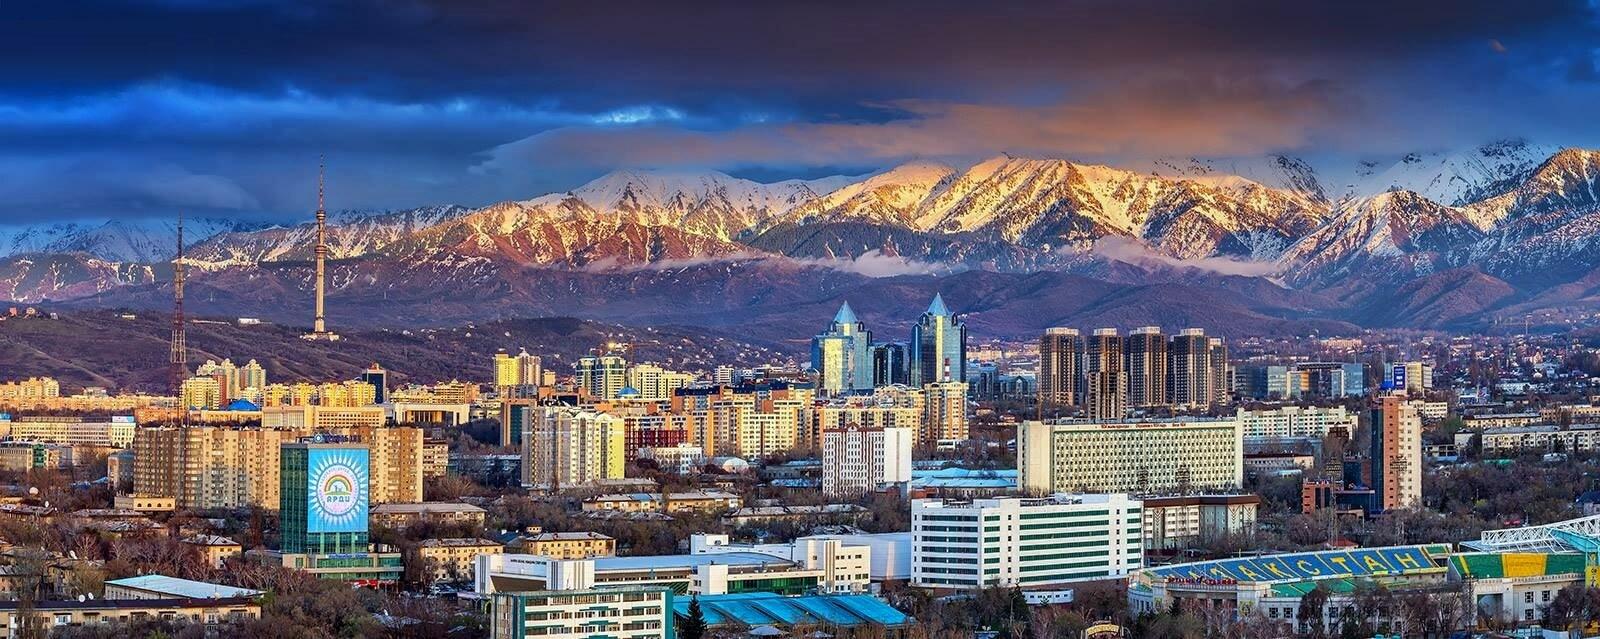 Almaty Cityscape.